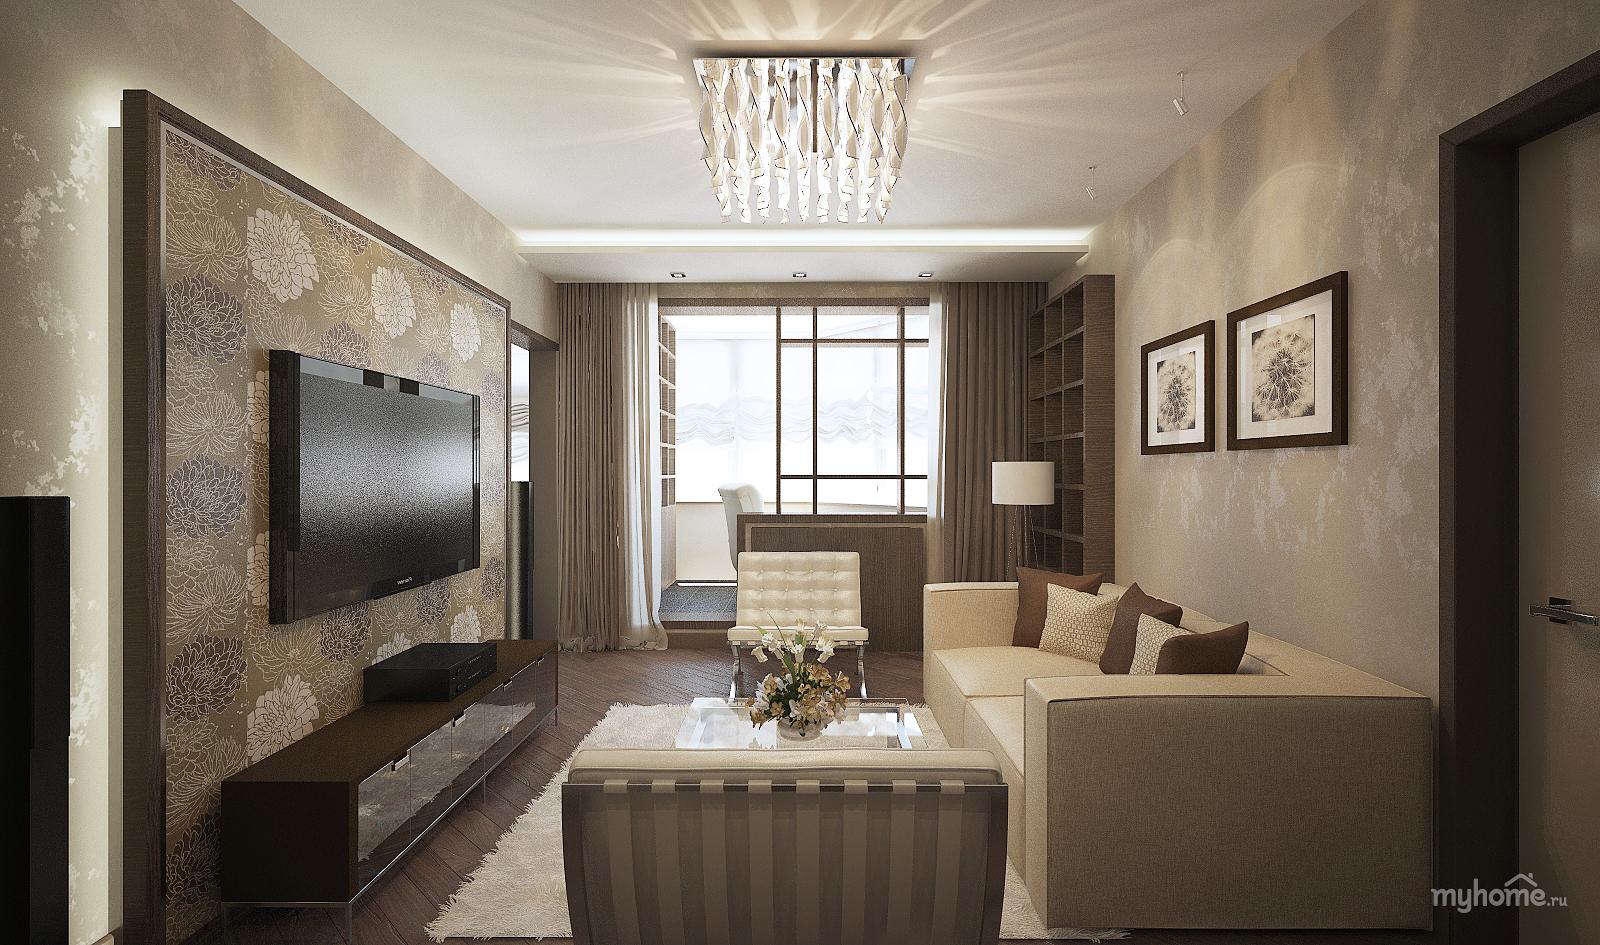 Дизайн квартир в доме п-44т